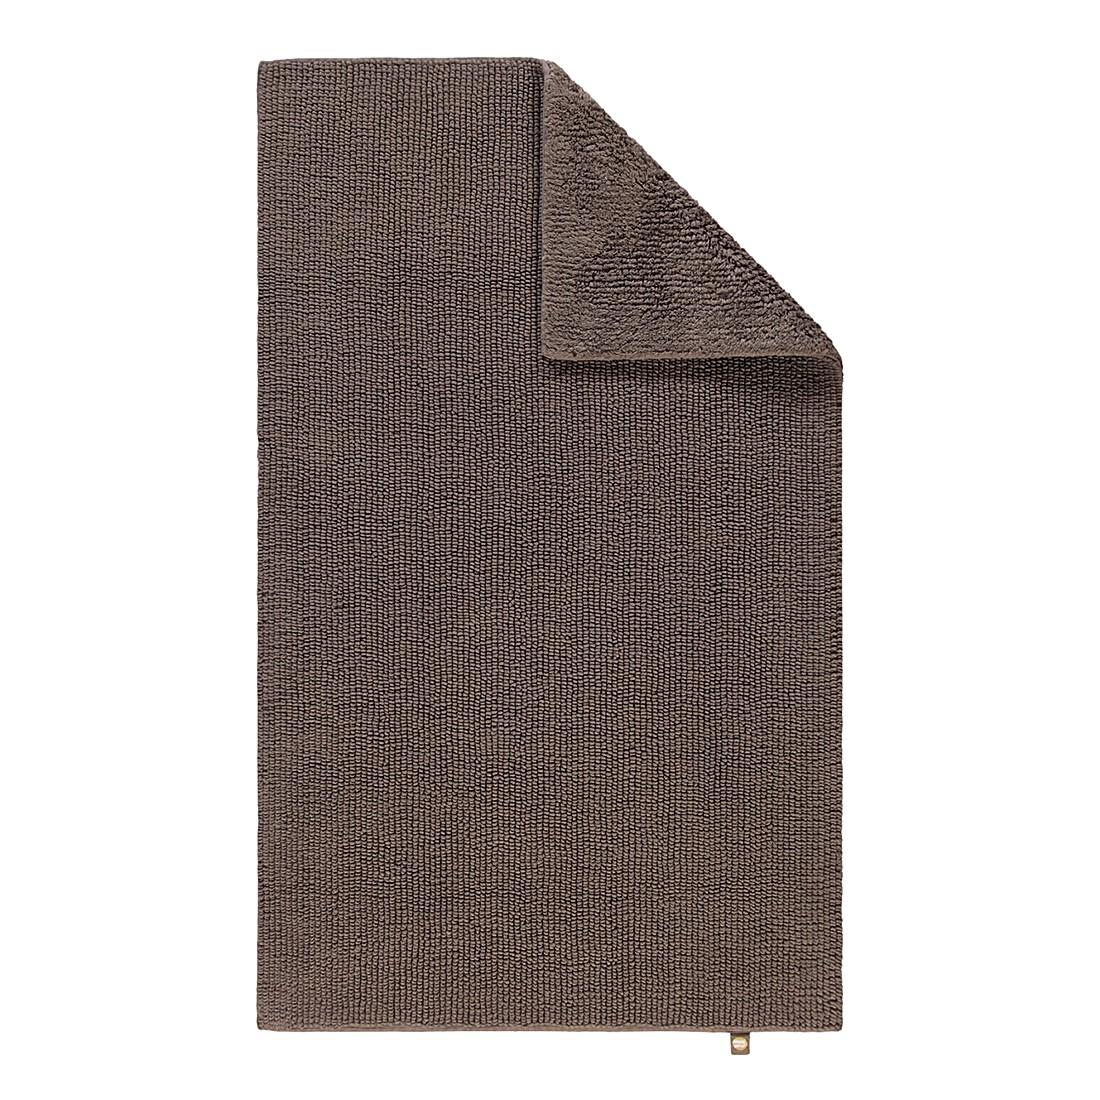 Badteppiche Pur – 100% Baumwolle taupe – 58 – 60 x 100 cm, Rhomtuft bestellen